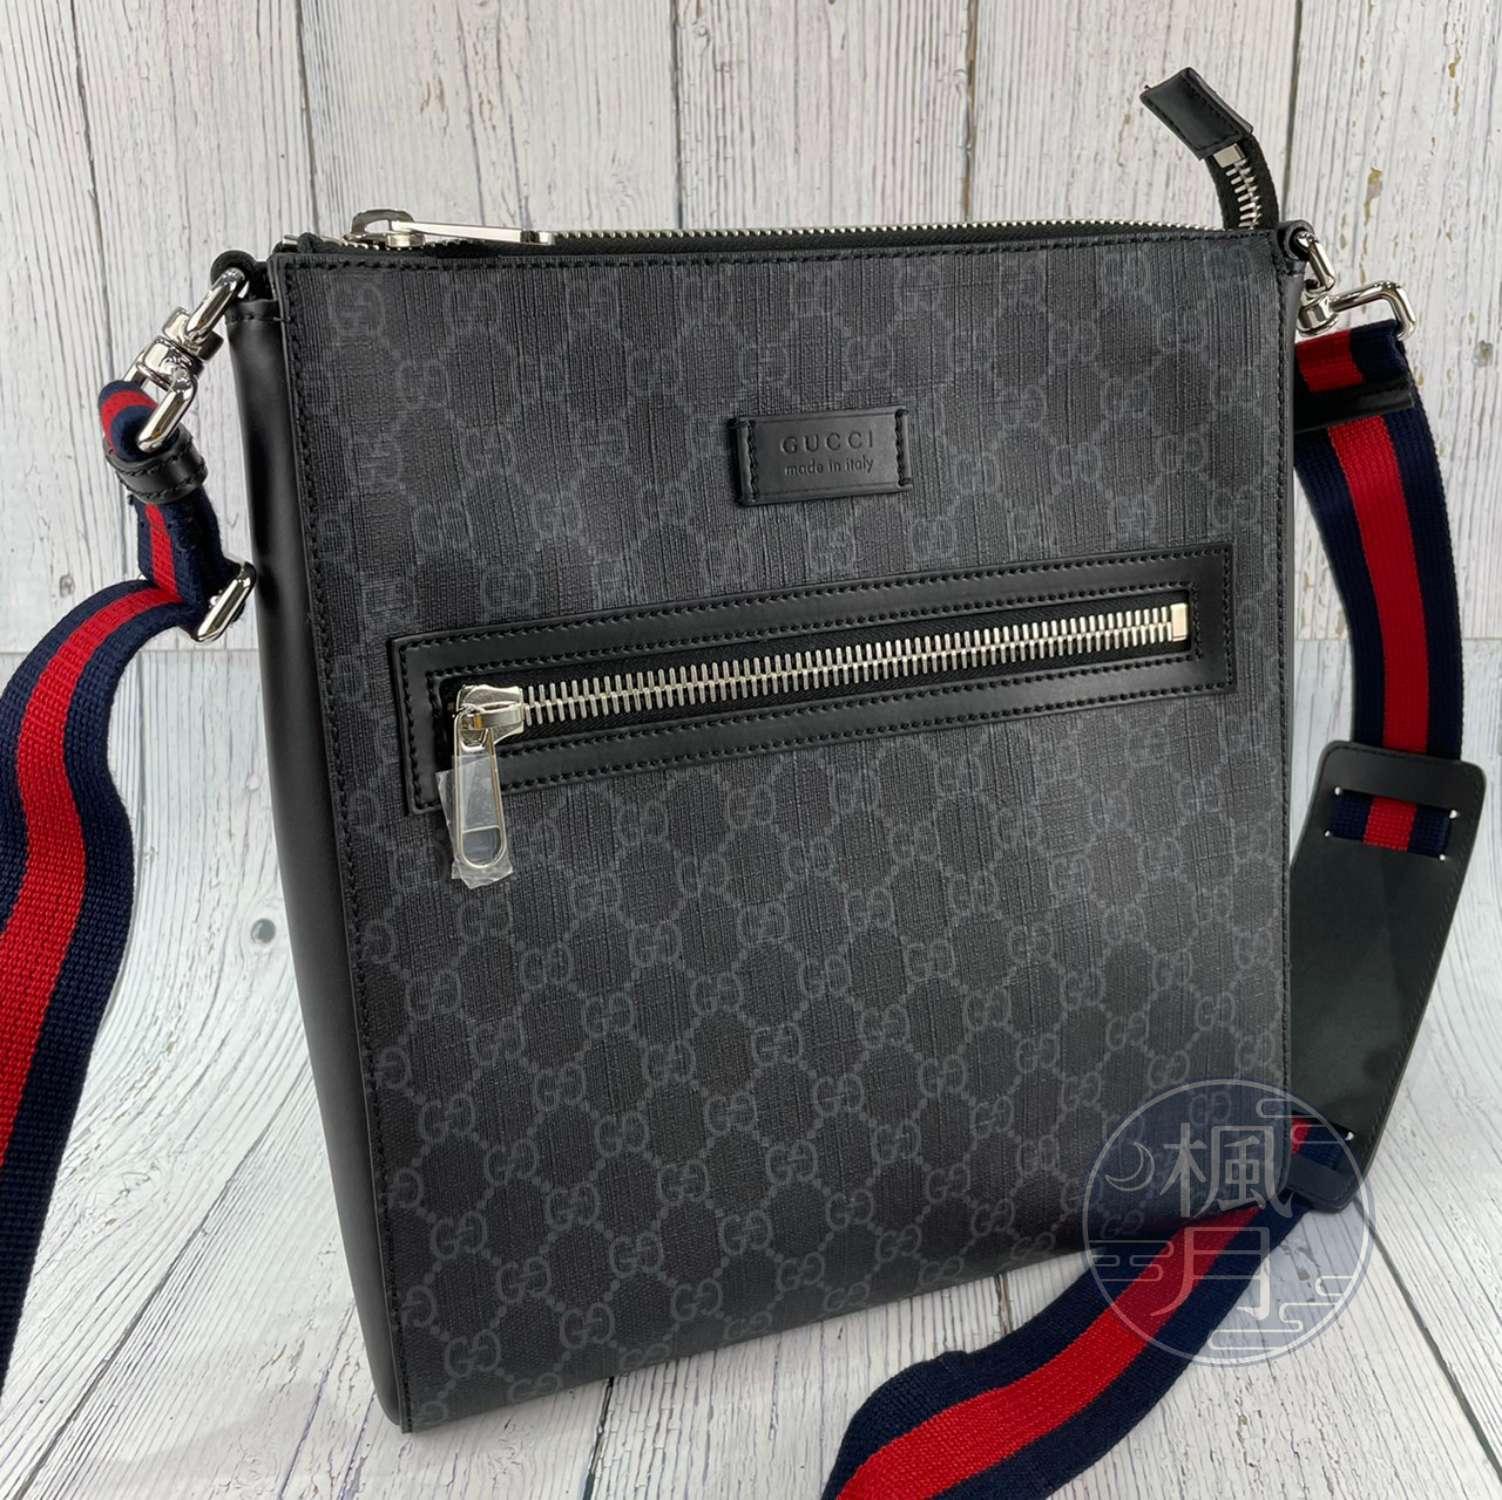 BRAND楓月 GUCCI 古馳 474137 黑PVC GG紋斜背包 肩背包 側背包 郵差包 拚皮 帆布背帶